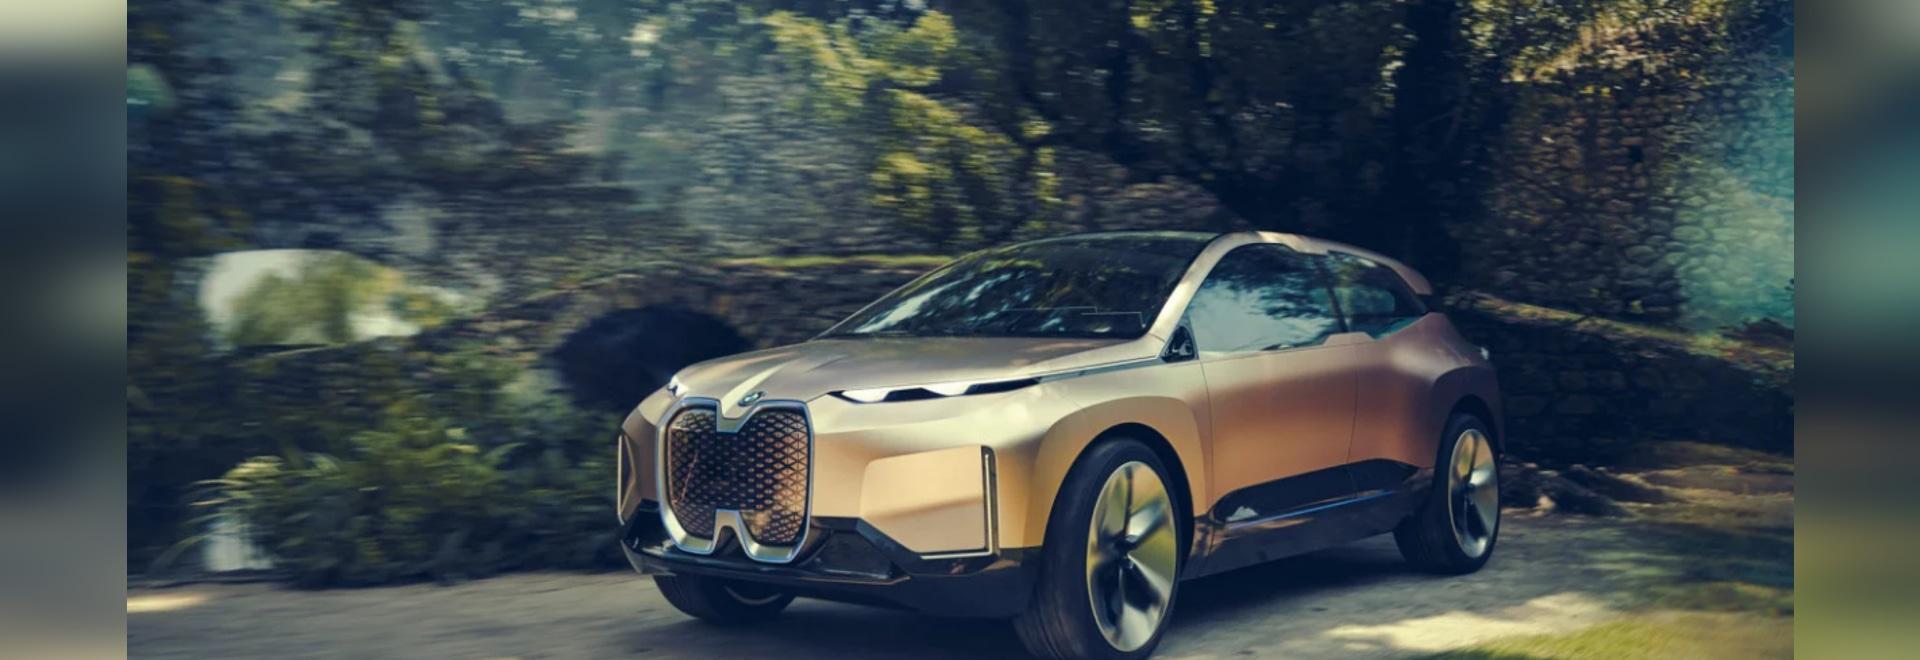 El iNEXT Concept Car de Vision de BMW ofrece un 3D Sensor-lleno imprimió la parrilla